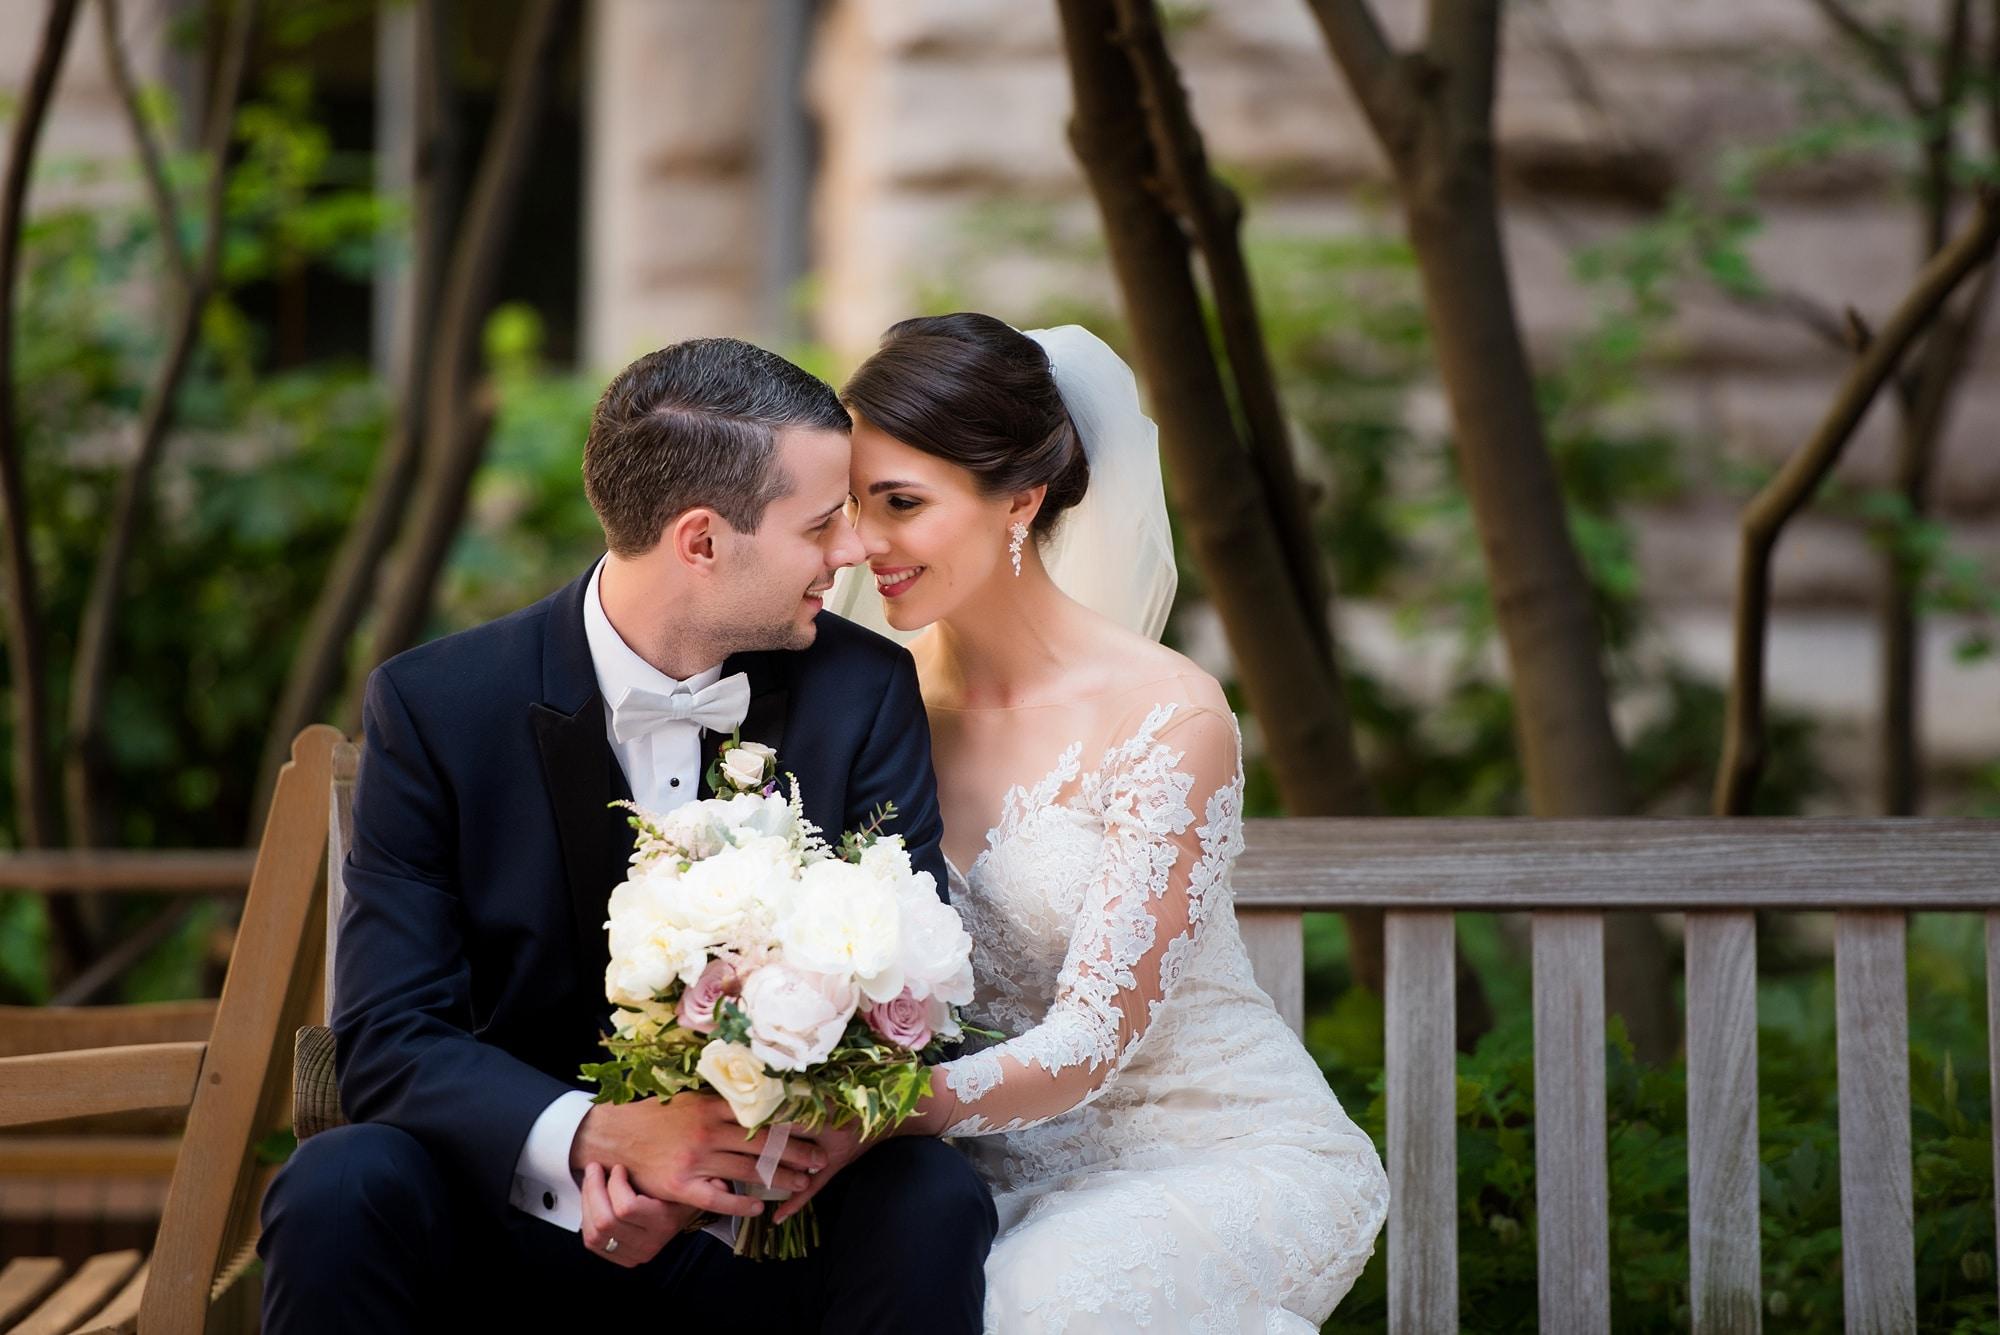 Vorstellung eines erstklassigen Hochzeitsfotografen!